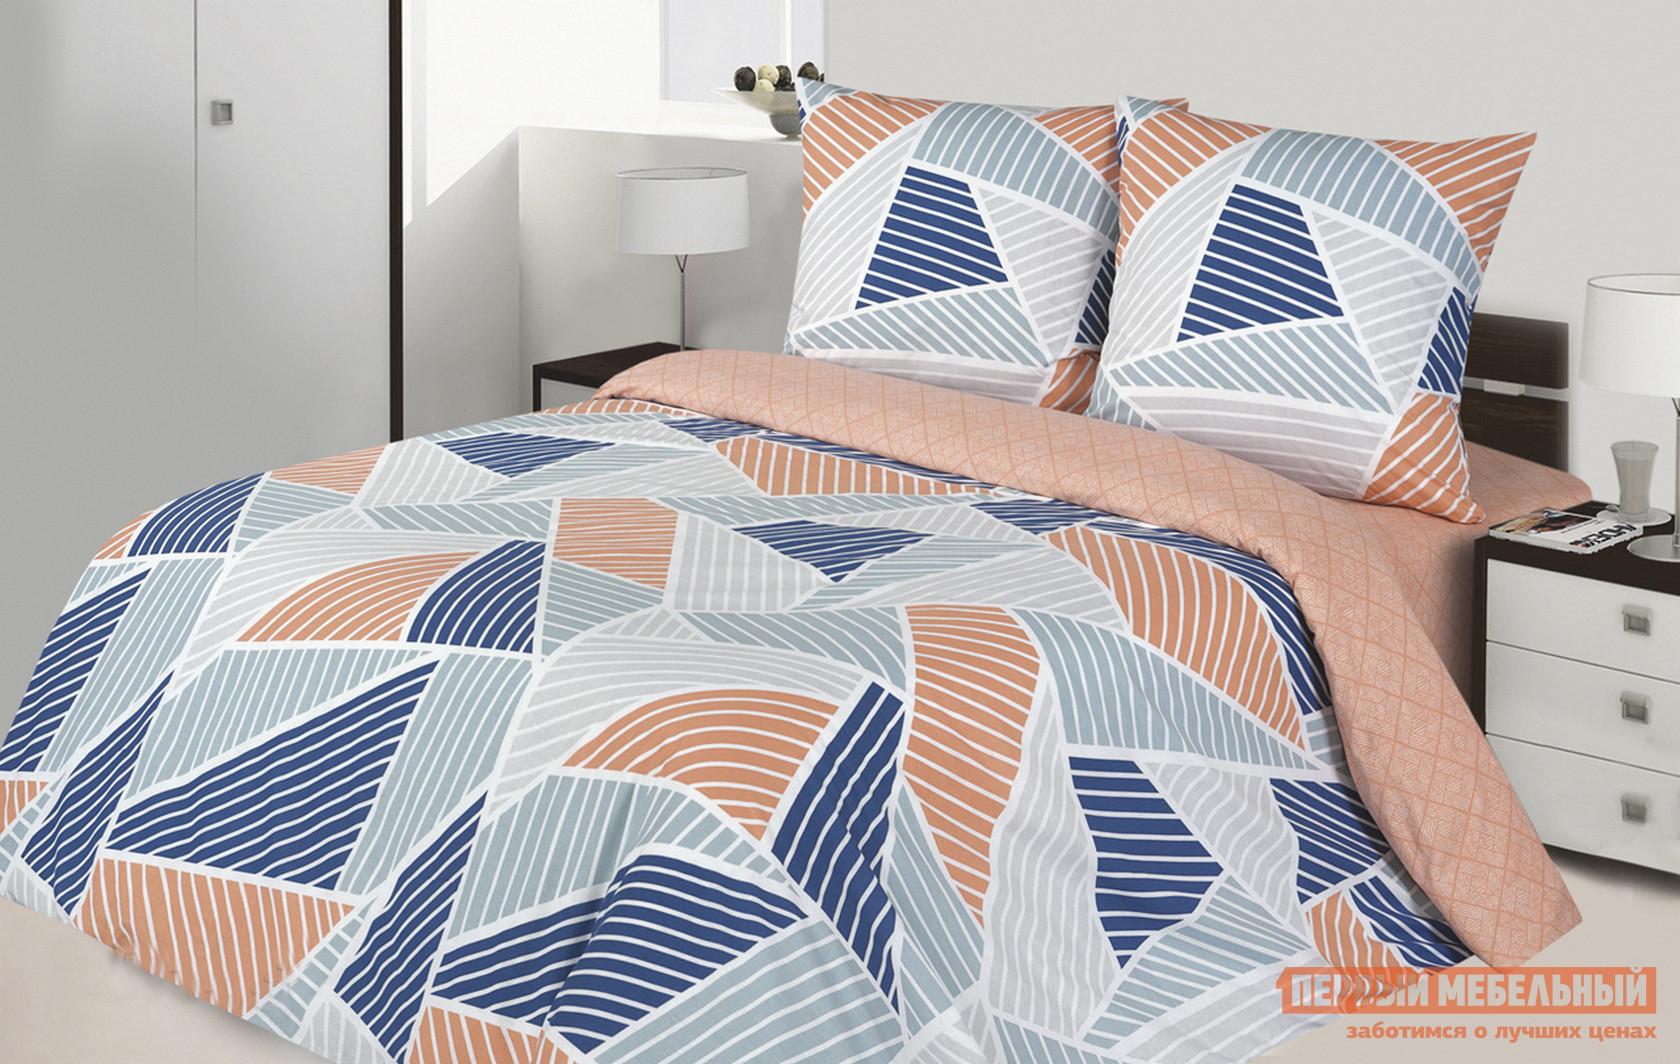 Комплект постельного белья Первый Мебельный КПБ Лас-Вегас